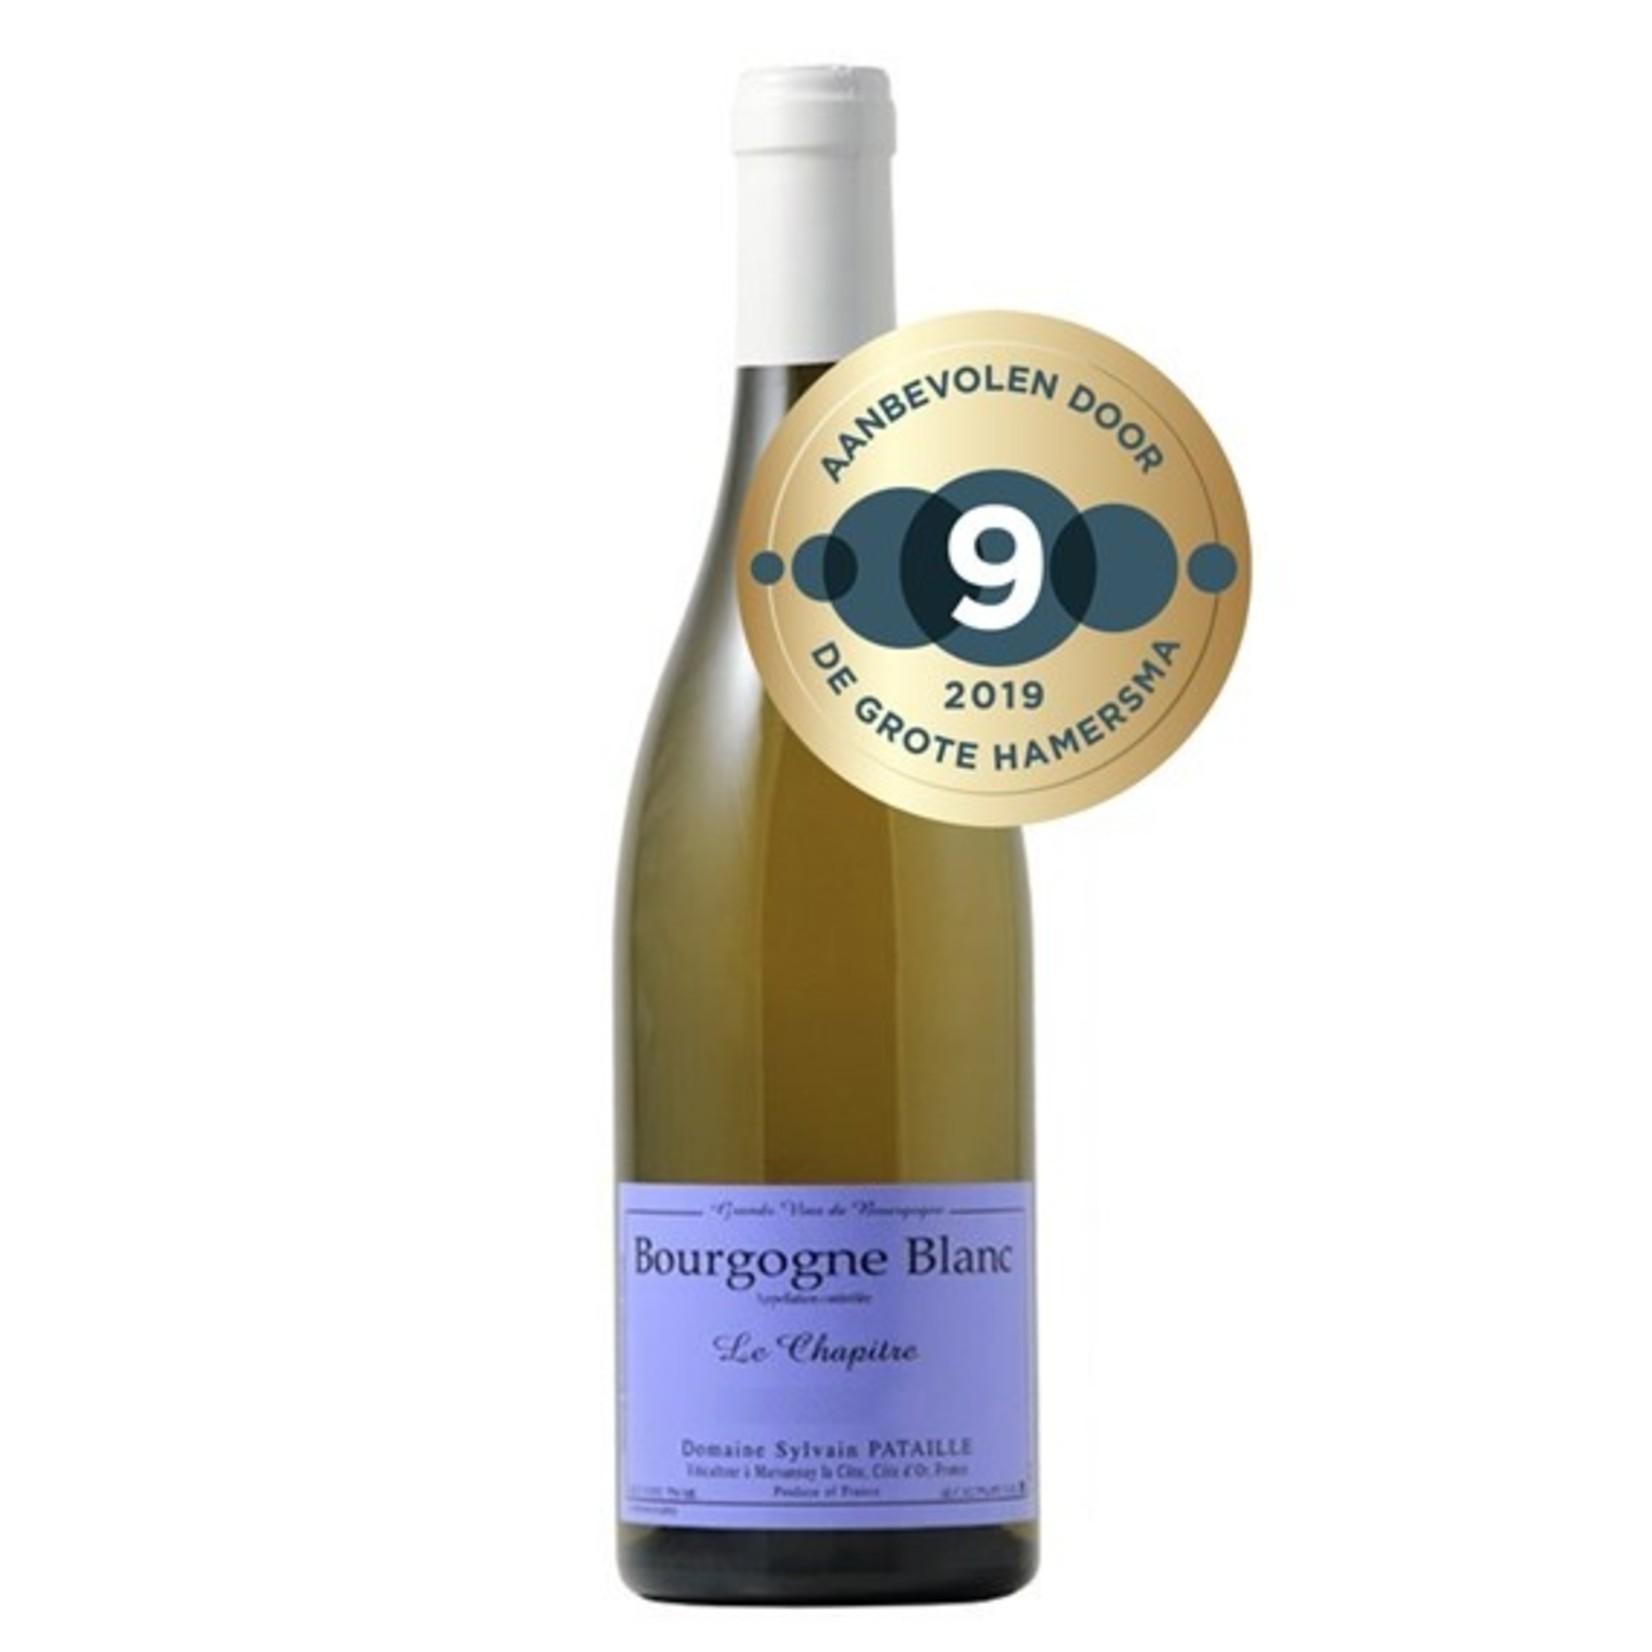 Bourgogne Blanc Le Chapitre, Pataille, 2017